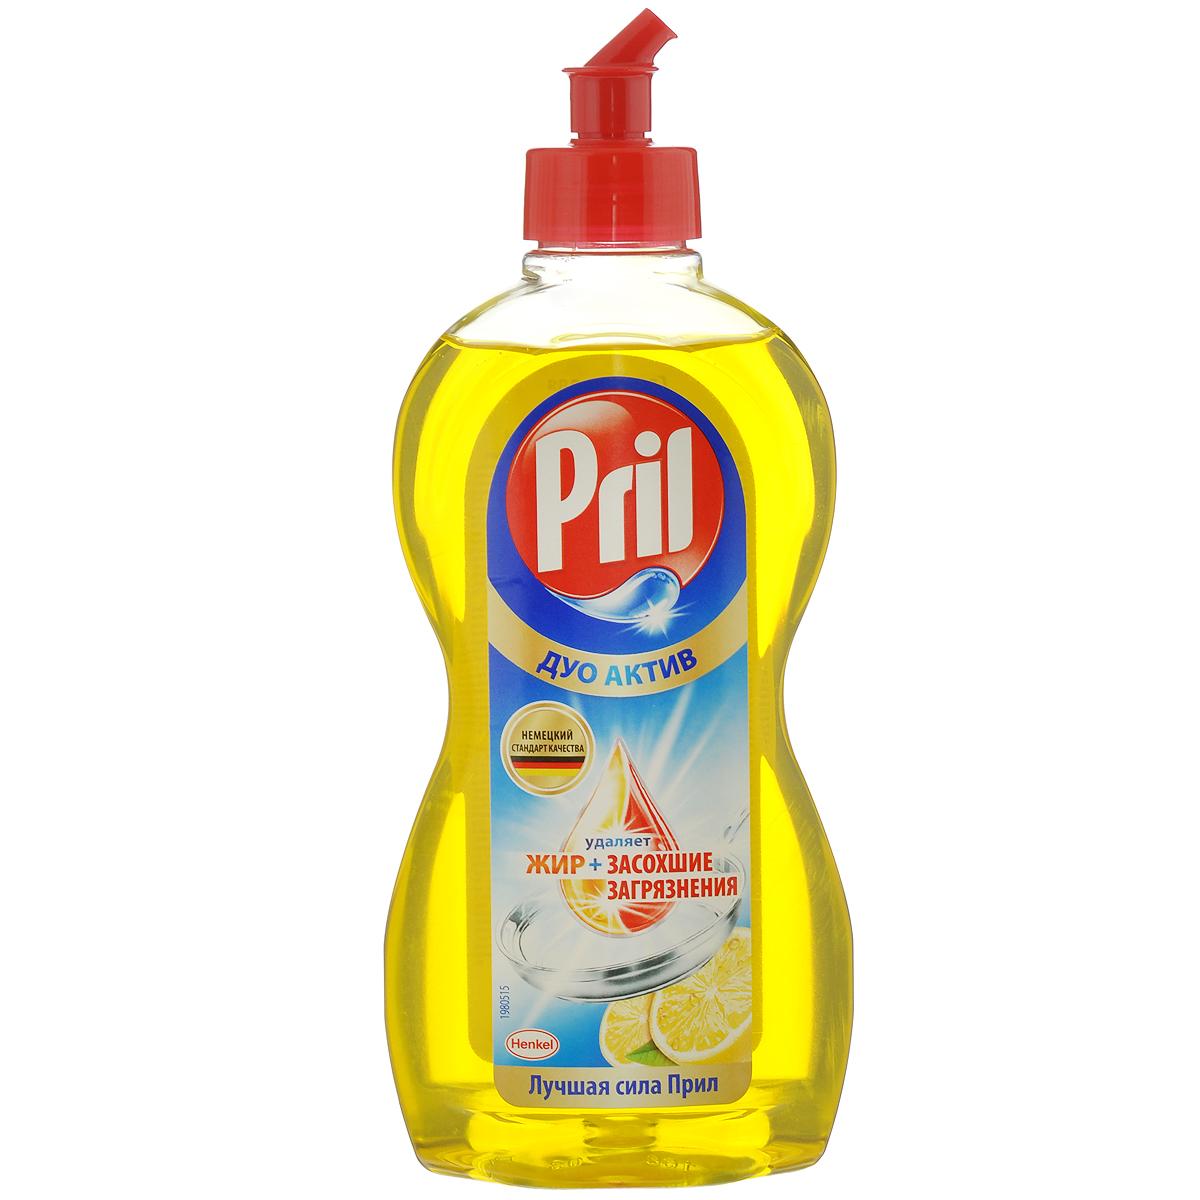 Средство для мытья посуды Pril Дуо актив, с ароматом лимона, 450 мл934977Средство для мытья посуды Pril Дуо актив эффективно удаляет жир и засохшие загрязнения с посуды. Наполнит ее приятным ароматом. Легко смывается, не оставляя следов. Состав: 5-15% анионные ПАВ, Товар сертифицирован.